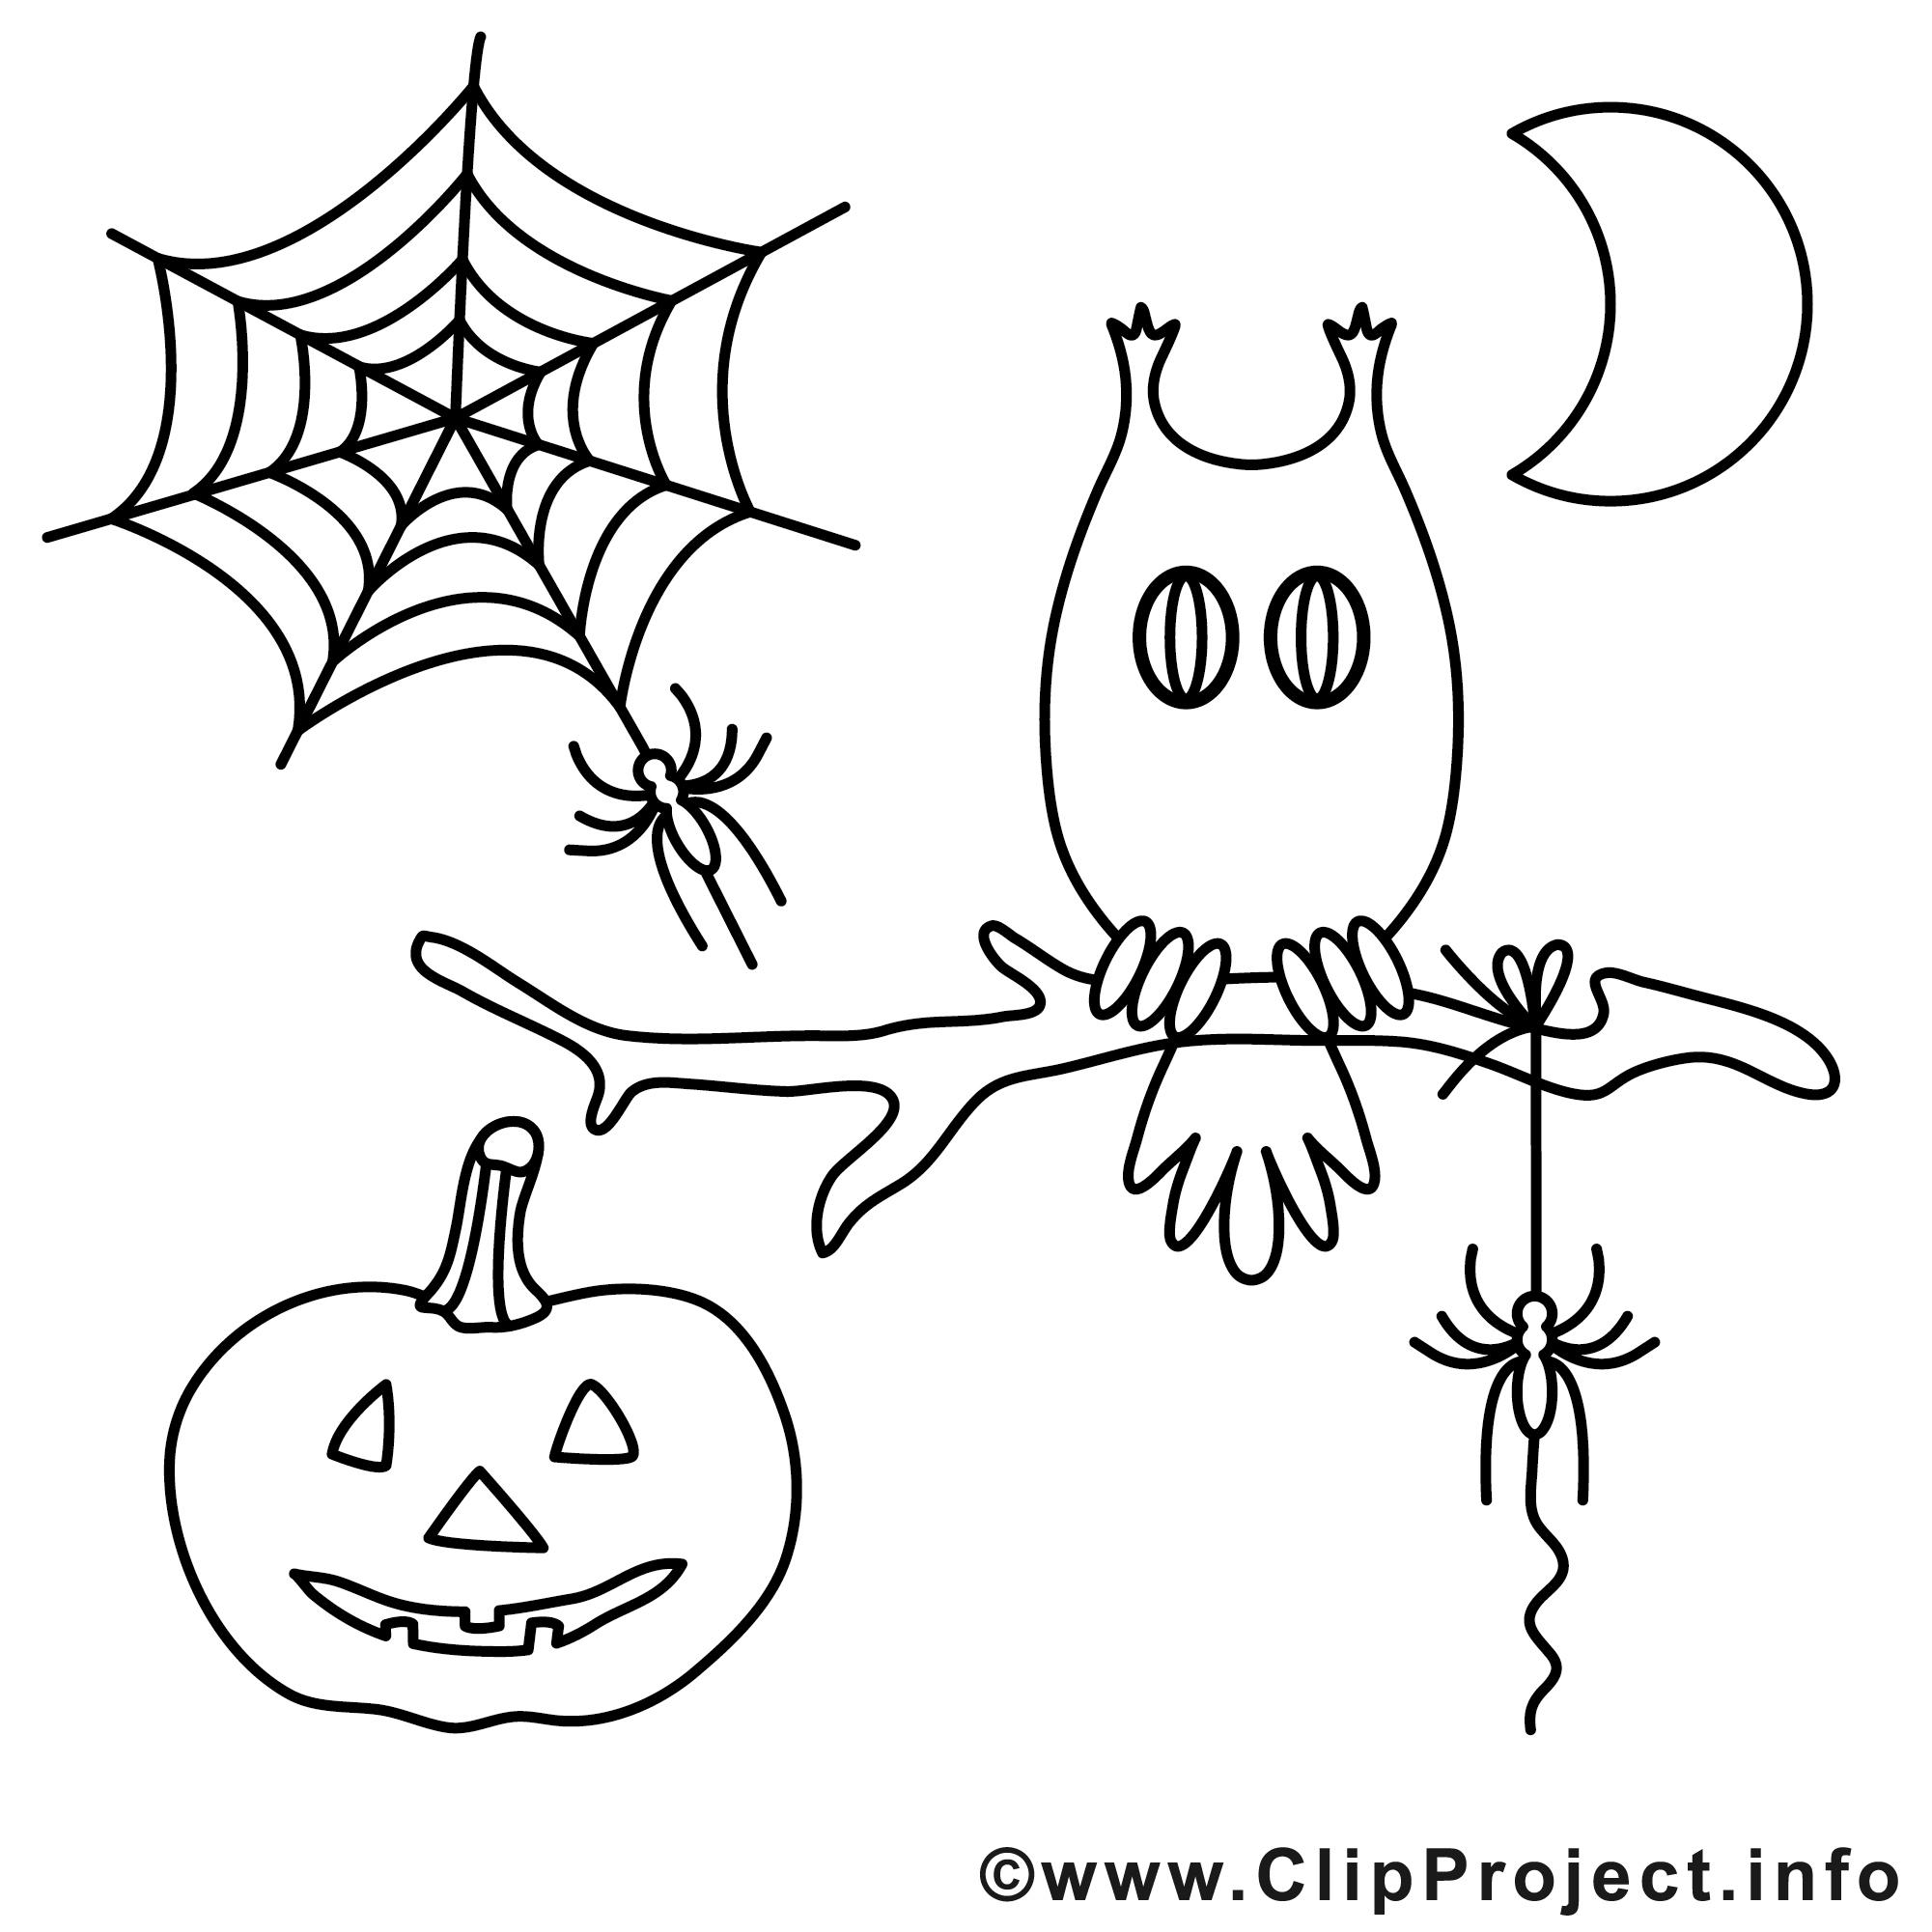 Halloween Malvorlagen Kostenlos Zum Bilder Ber Ausmalbilder bestimmt für Ausmalbilder Halloween